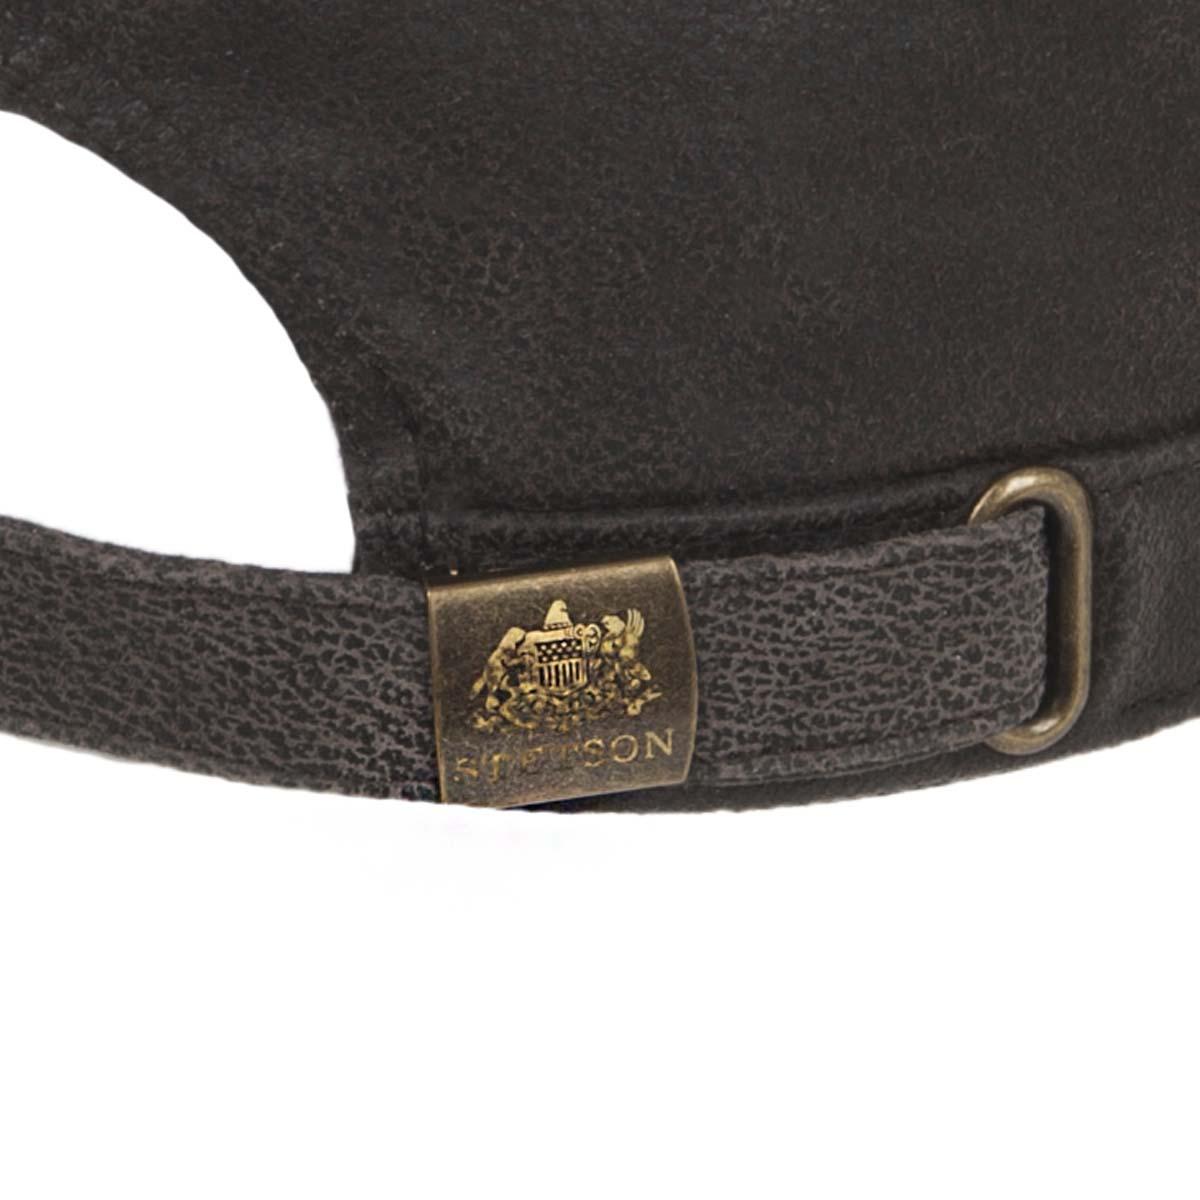 f5e40b39 ... Cuba cap in pure leather by Stetson